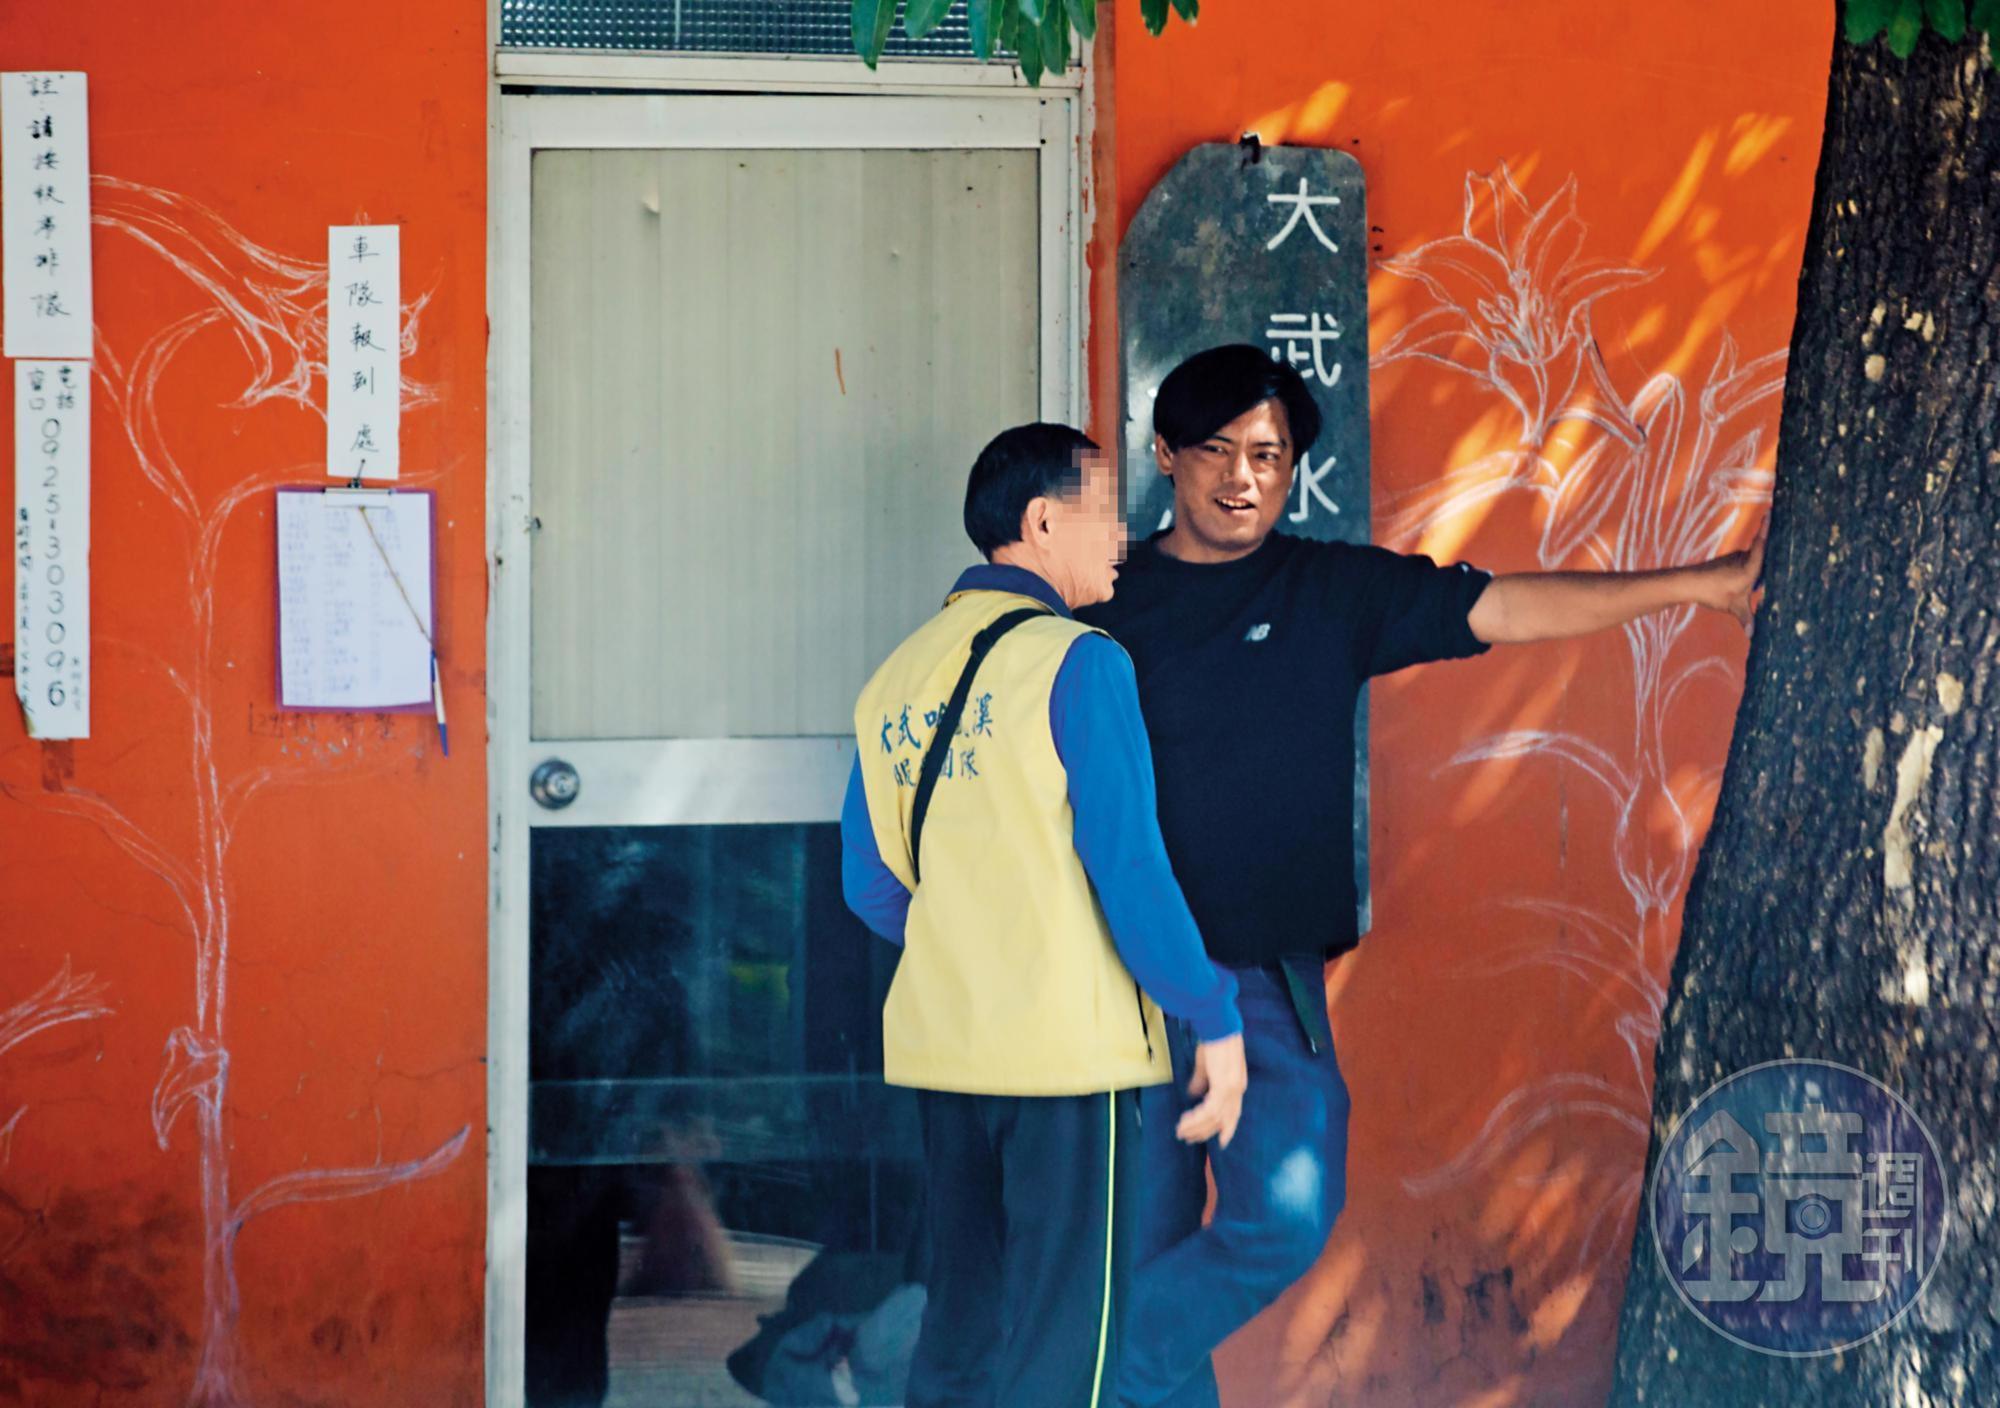 大武部落在大武國小設立接駁點,負責接待遊客的柯姓男子(右)。